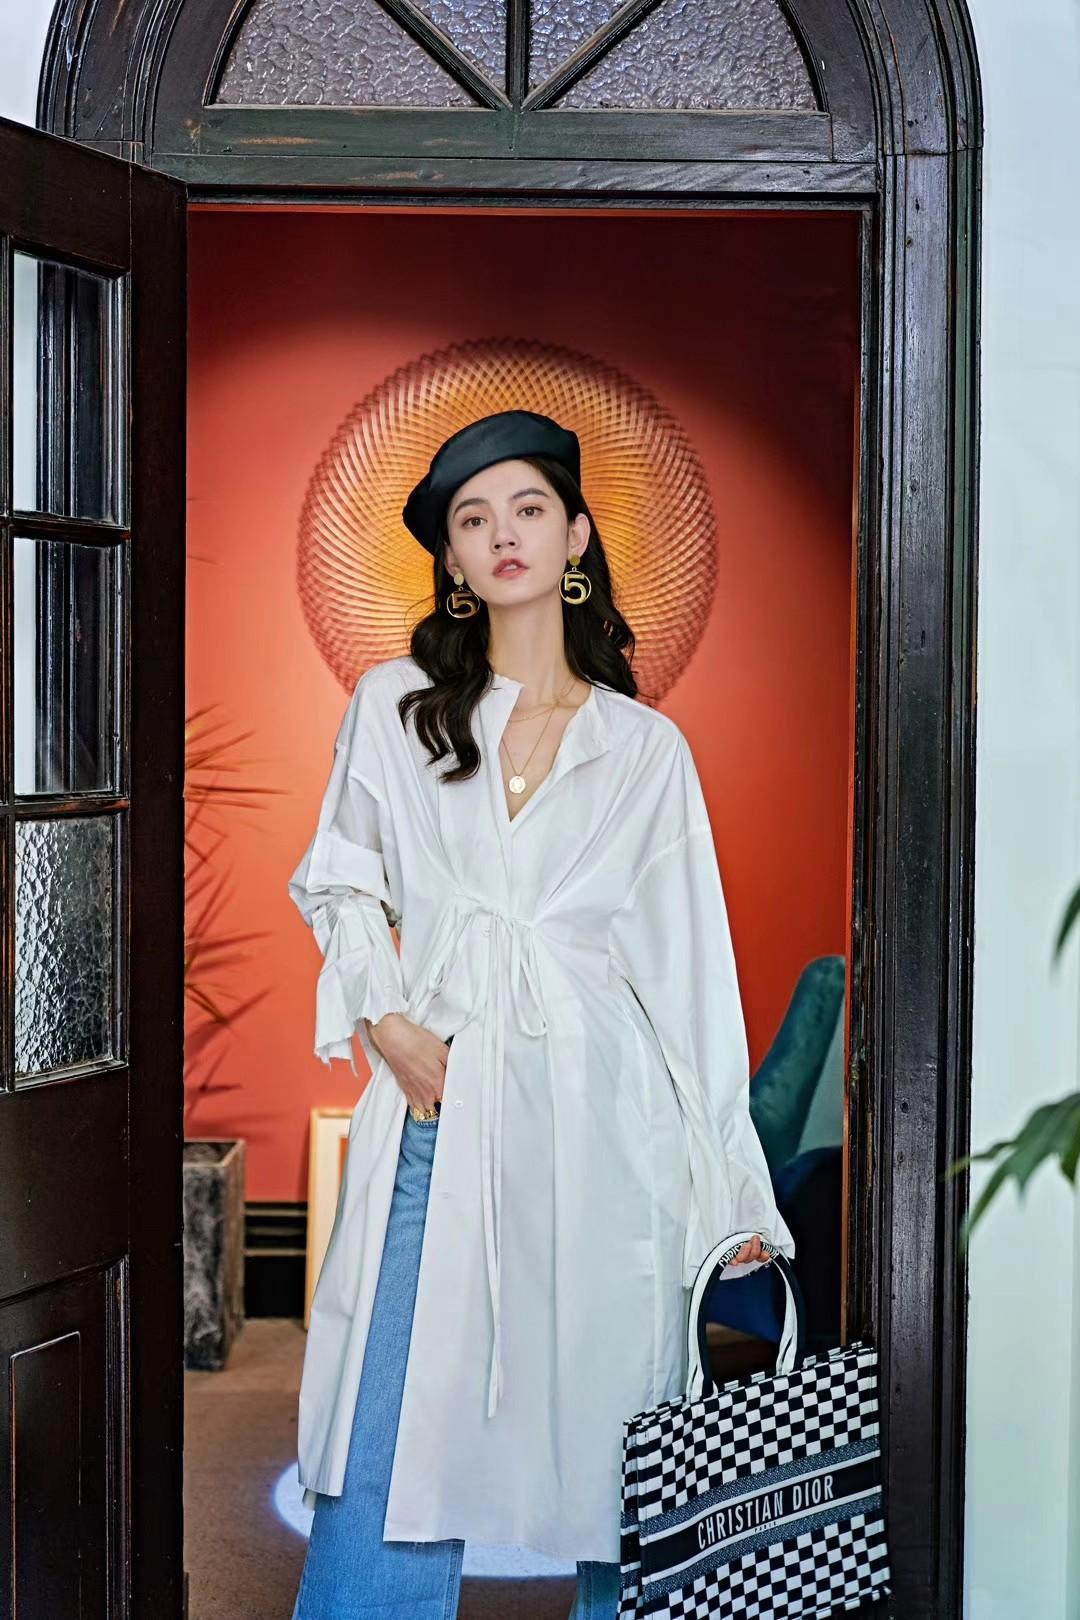 【VIMI】银月衬衫裙  白色的衬衣,有着一丝禁欲感。剔除了翻领,用不一的黄色纽扣纽合成圆领领口,线条感更加凸显。宽松的双袖融入了褶裥的设计,穿着舒适的同时保有纤细感。颇长的裙身,在腰间留有细长的带子,系上结勾勒出腰身,优越的身材比例立马展现。银白的色彩,光芒映衬之下,显露着隐隐约约的性感。 #秋装上新穿搭打卡#